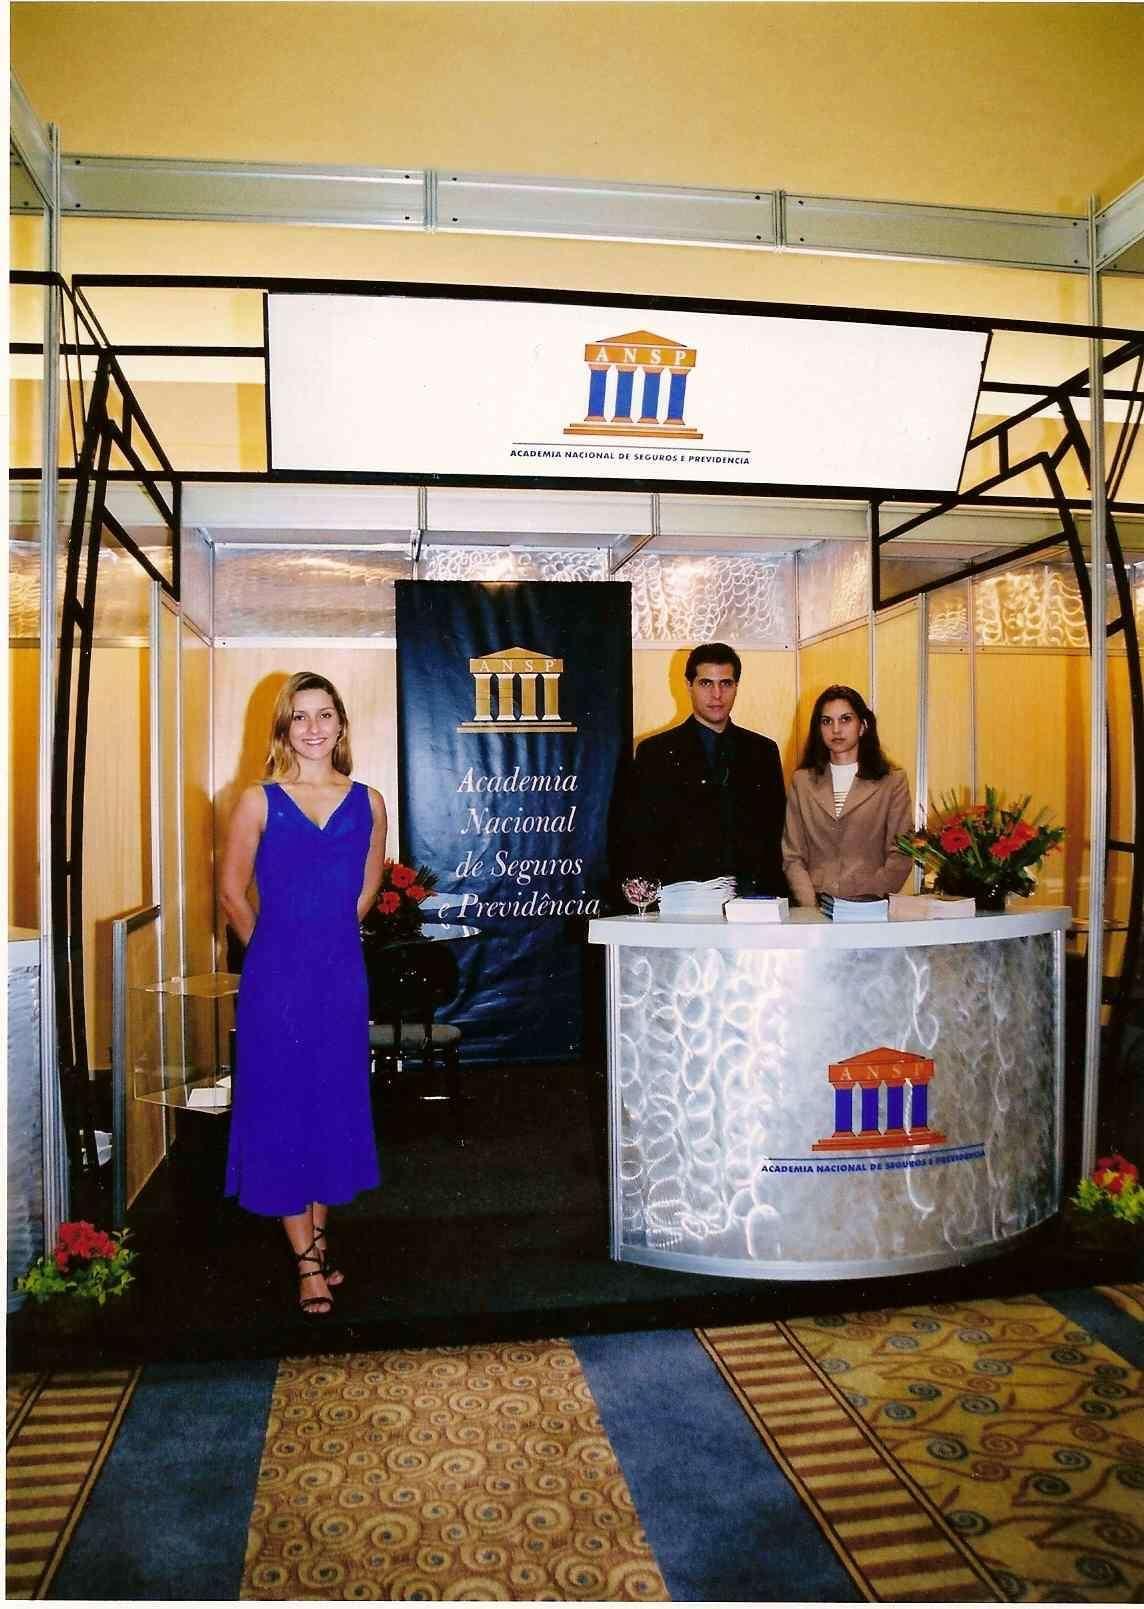 Evento ABGR 2004